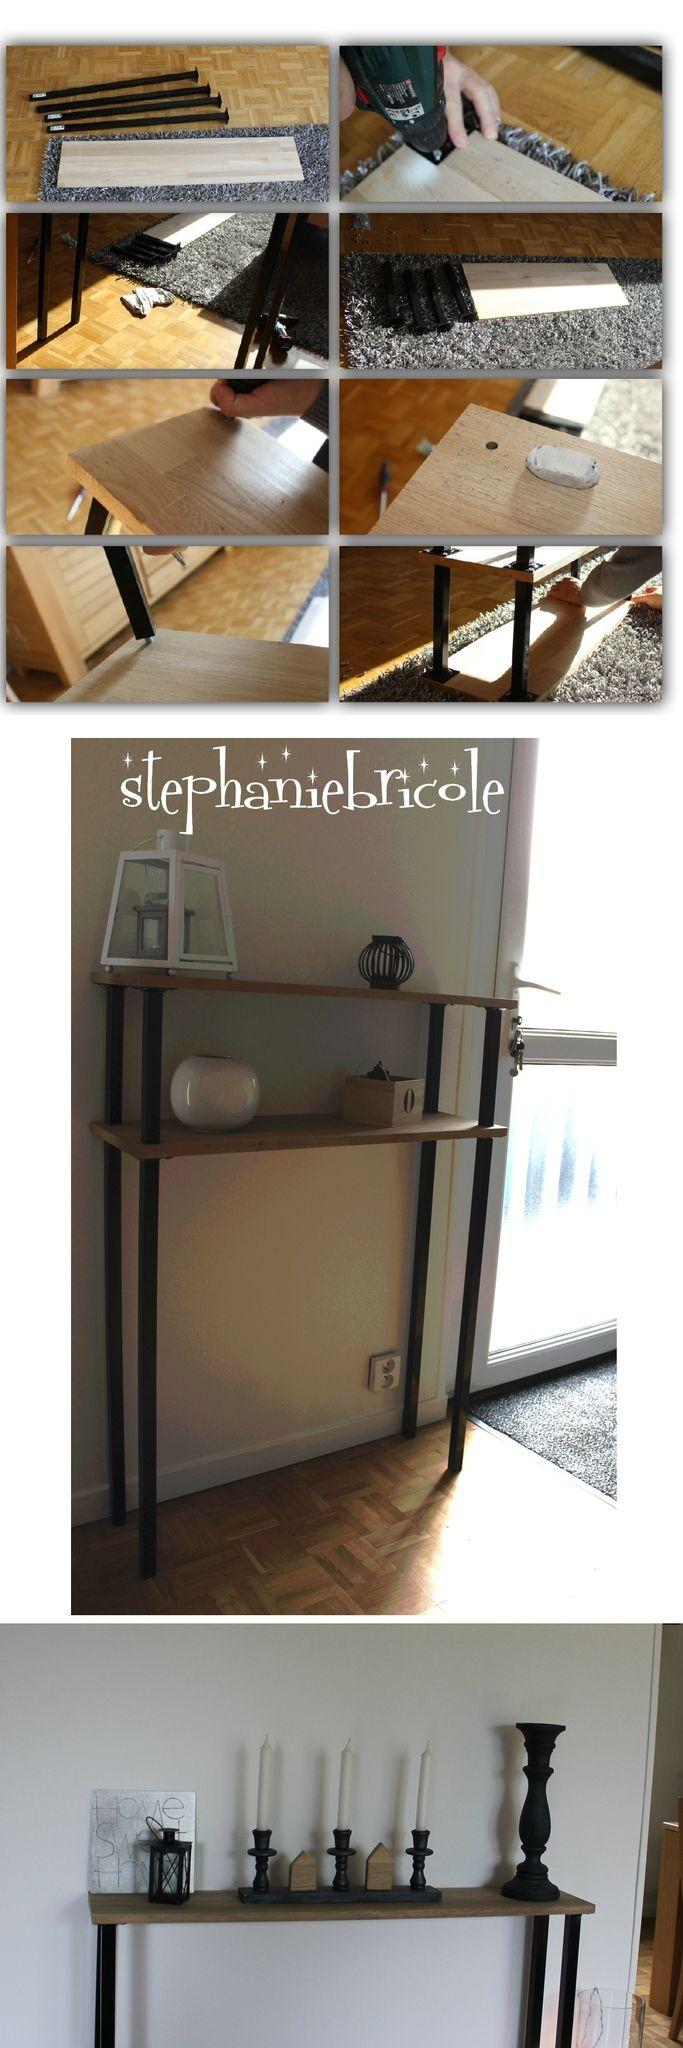 DIY déco - faire un meuble console au style industriel soi même, rapide et pas cher - Stéphanie bricole